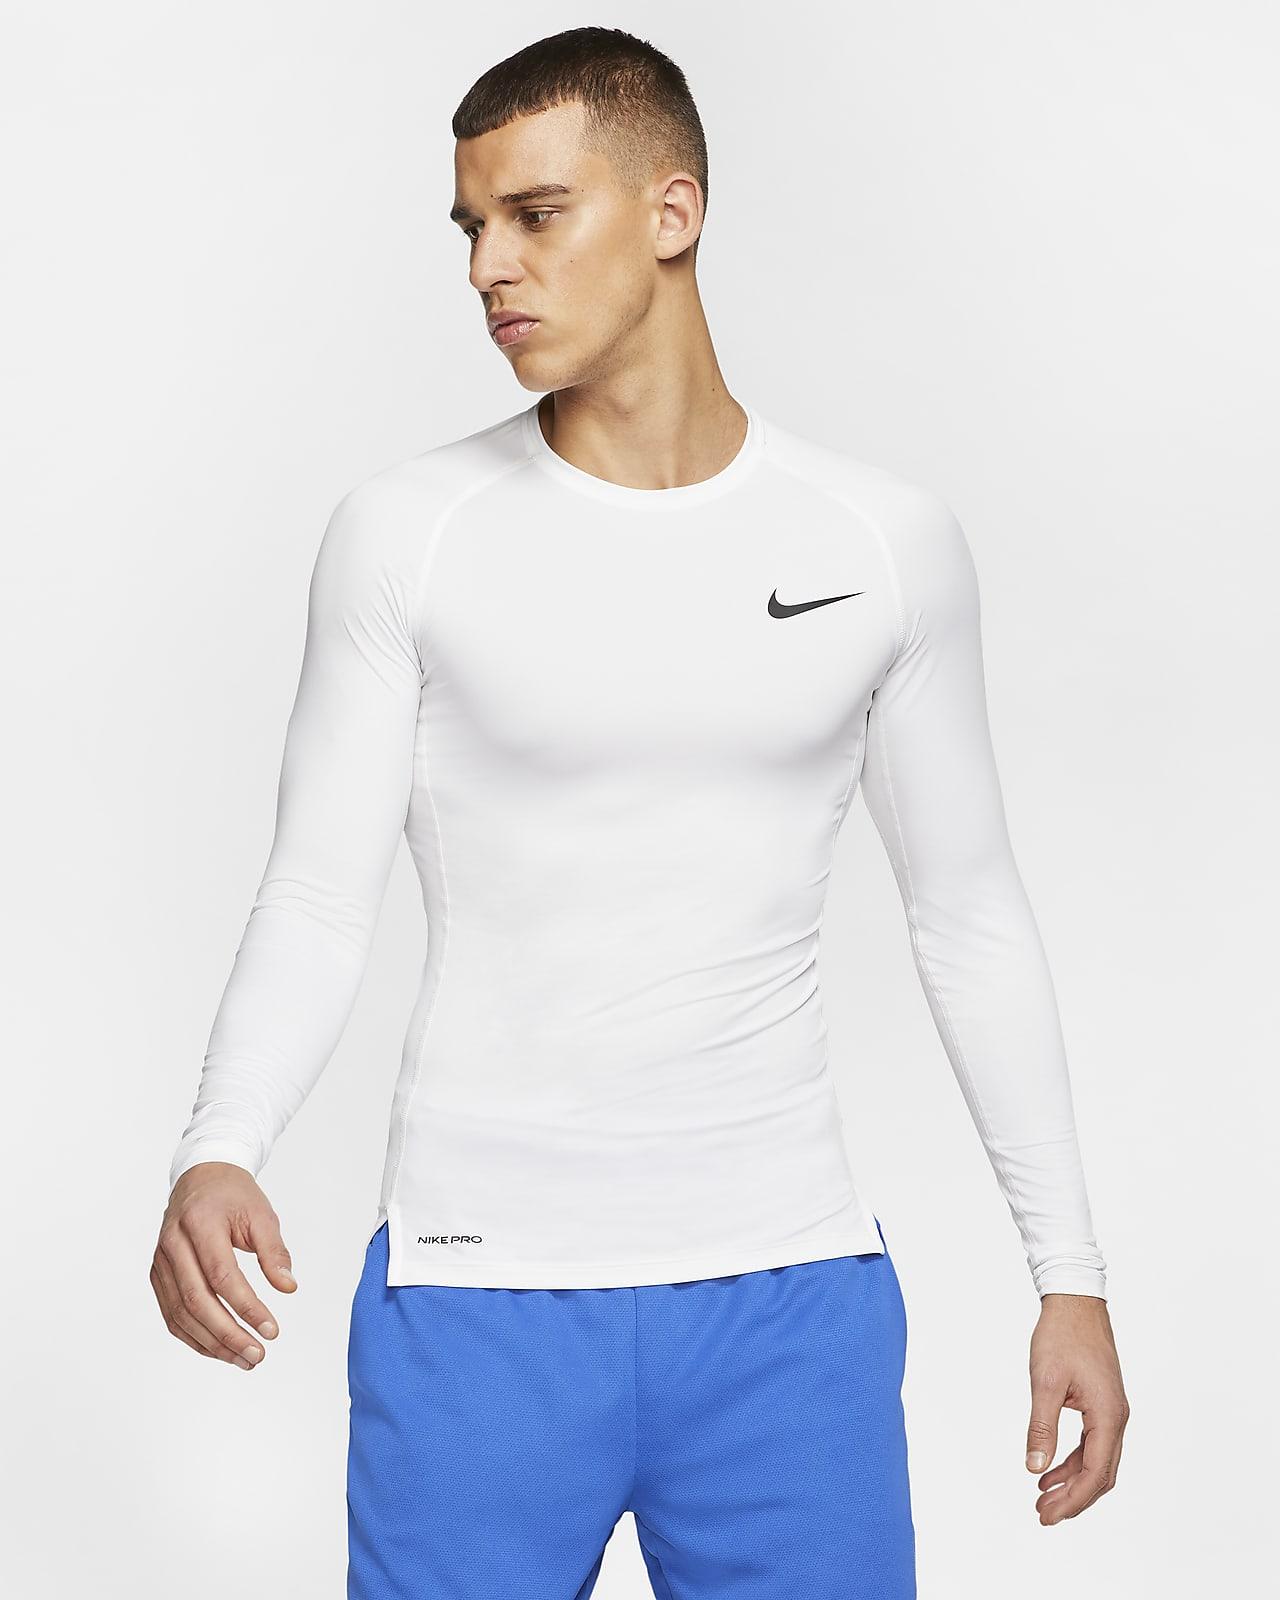 Мужская футболка с плотной посадкой и длинным рукавом Nike Pro